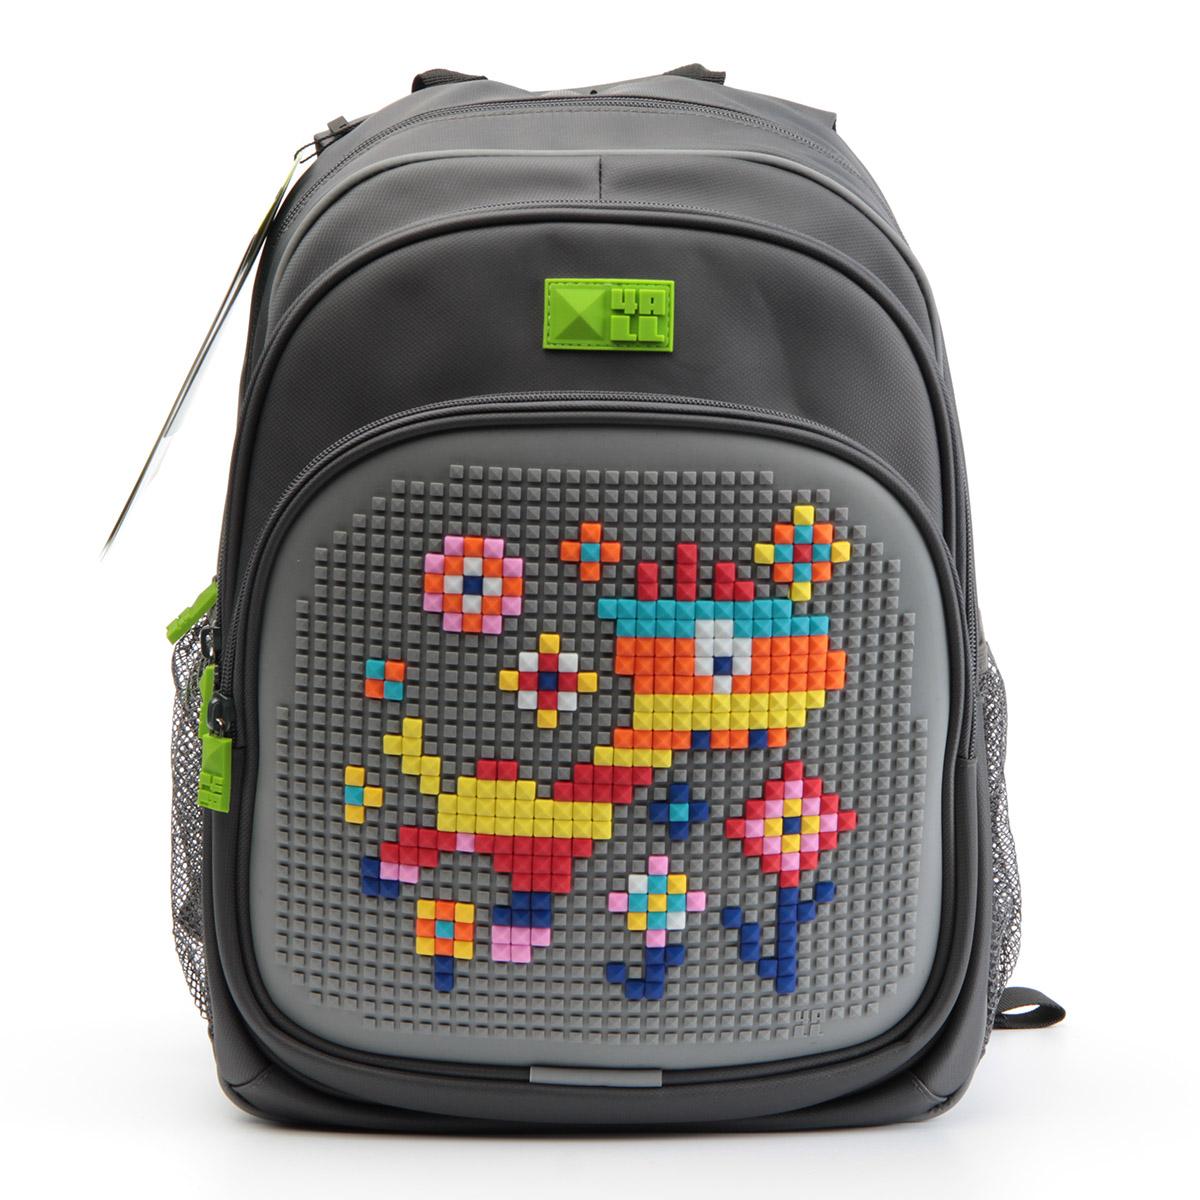 4ALL Рюкзак Kids цвет серый72523WDРюкзак 4ALL - это одновременно яркий, функциональный школьный аксессуар и площадка для самовыражения. Уникальные рюкзаки Kids имеют гипоаллергенную силиконовую панель и разноцветные мозаичные биты, с помощью которых на рюкзаке можно создавать графические шедевры хоть каждый день!Модель выполнена из полиэстера с водоотталкивающей пропиткой. Рюкзак имеет 2 отделения, снаружи расположены 3 кармана (передний - на молнии, боковые - сетчатые). Система Air Comfort System обеспечивает свободную циркуляцию воздуха между задней стенкой рюкзака и спиной ребенка. Система Ergo System служит равномерному распределению нагрузки на спину ребенка, сохранению правильной осанки. Она способна сделать рюкзак, наполненный учебниками, легким.Ортопедическая спинка как корсет поддерживает позвоночник, правильно распределяя нагрузку. Простая и удобная конструкция спины и лямок позволяет использовать рюкзак даже деткам от 3-х лет.Светоотражающие вставки отвечают за безопасность ребенка в темное время суток.В комплекте 1 упаковка разноцветных пикселей-битов (300 штук) и инструкция для создания базовой картинки. Работа с мелкими битами позволяет дополнительно развивать мелкую моторику рук малыша.